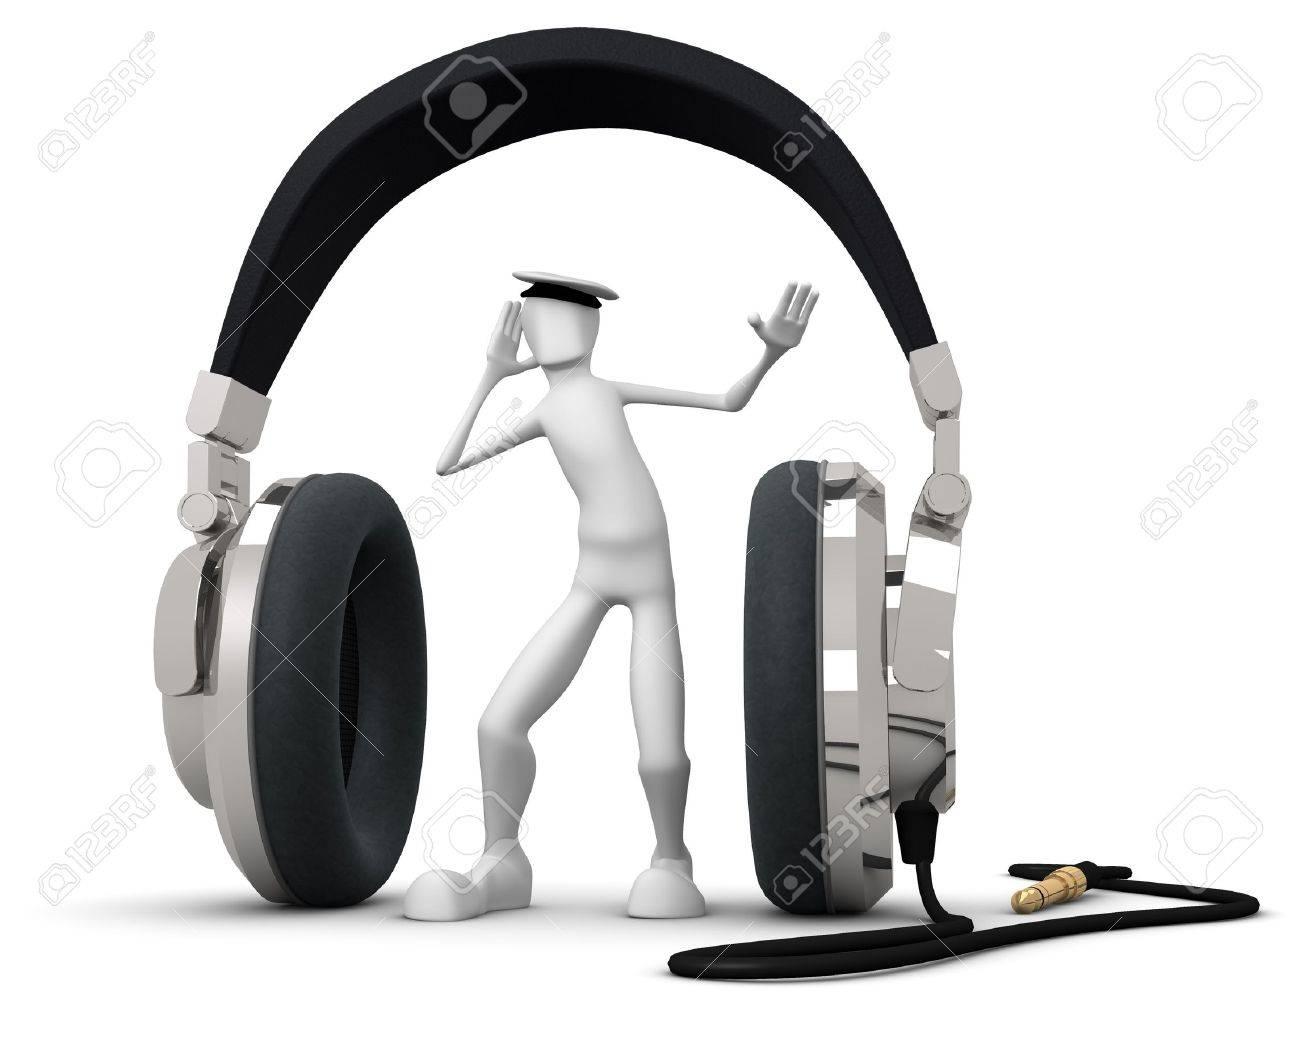 Headset Stock Photo - 8379795